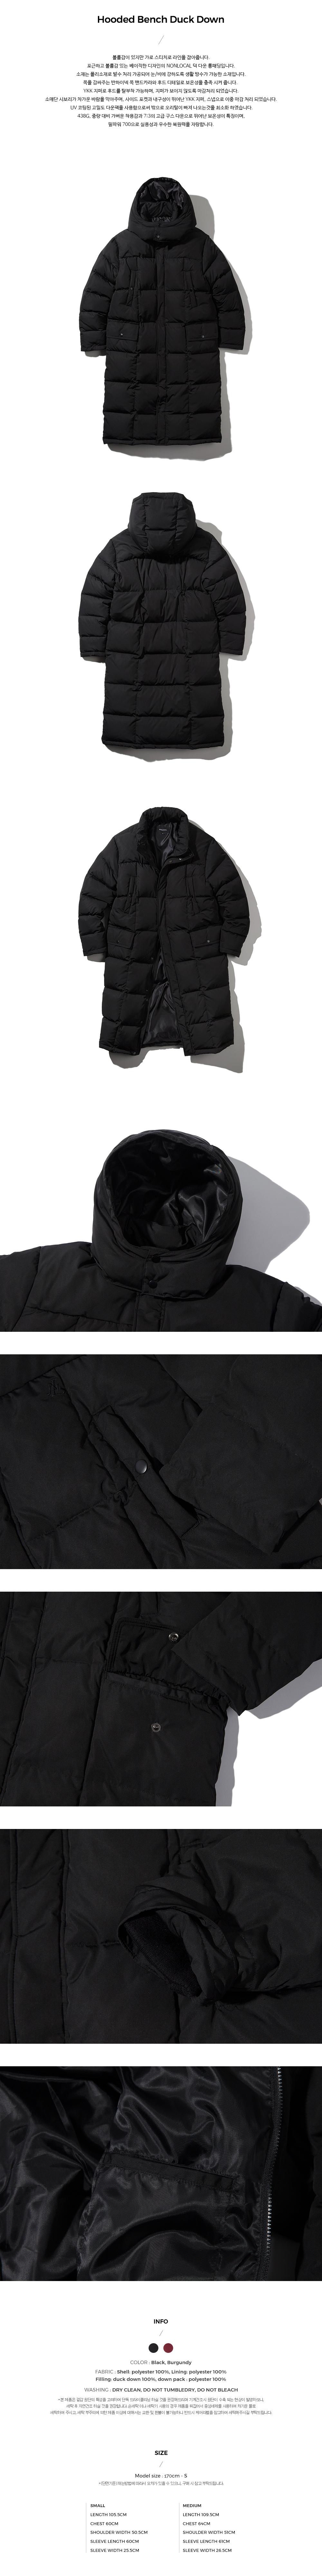 논로컬(NONLOCAL) Hooded Bench Duck Down - Black